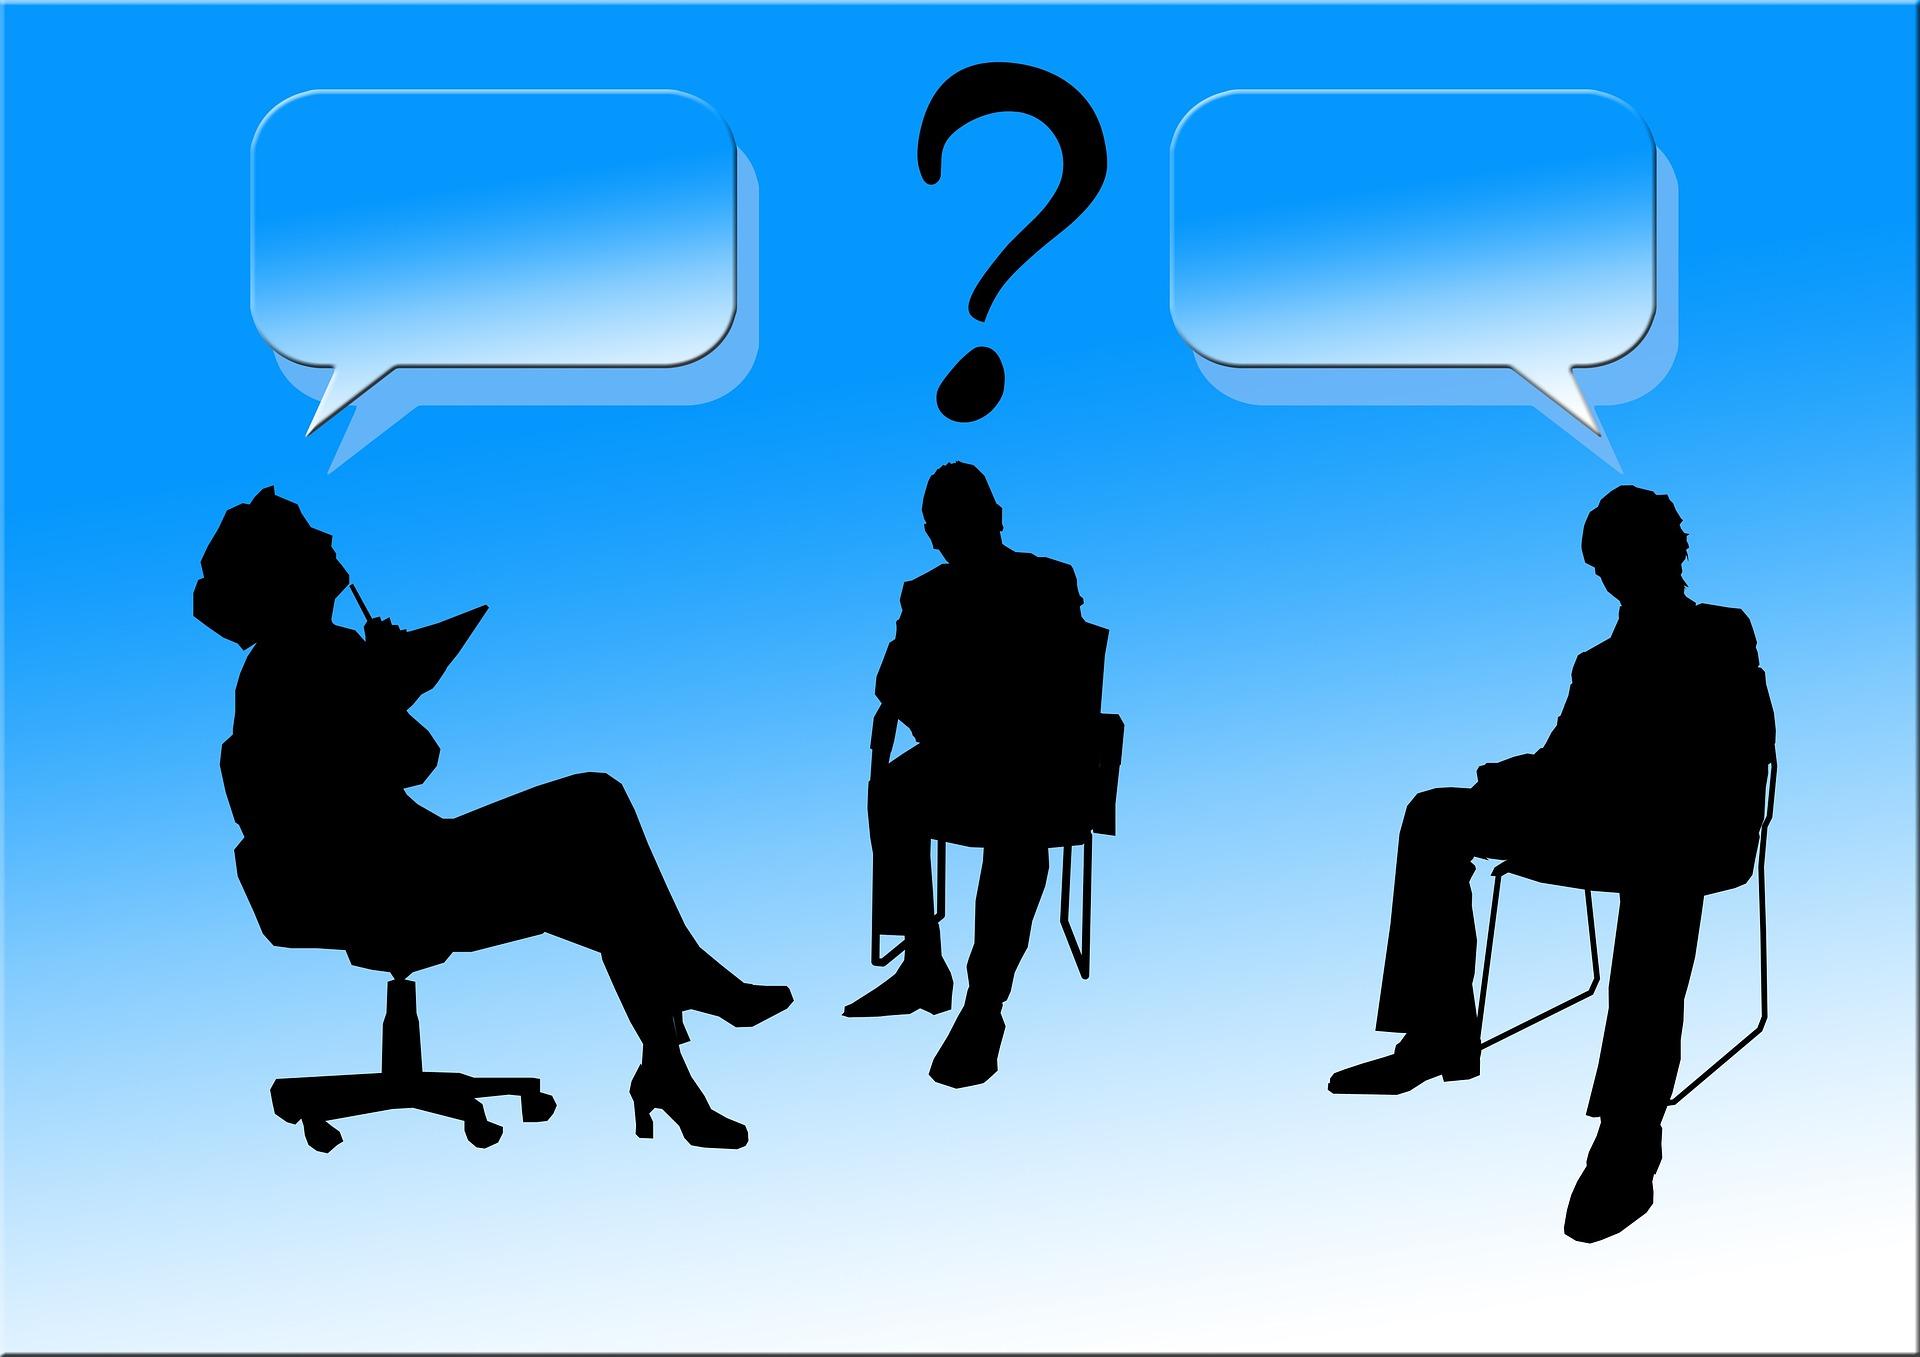 ビジネスパーソン3人が話し合う様子 KEN'S BUSINESS(ケンズビジネス) 職場問題の解決サイト中間管理職・サラリーマン・上司と部下の「悩み」を解決する情報サイト